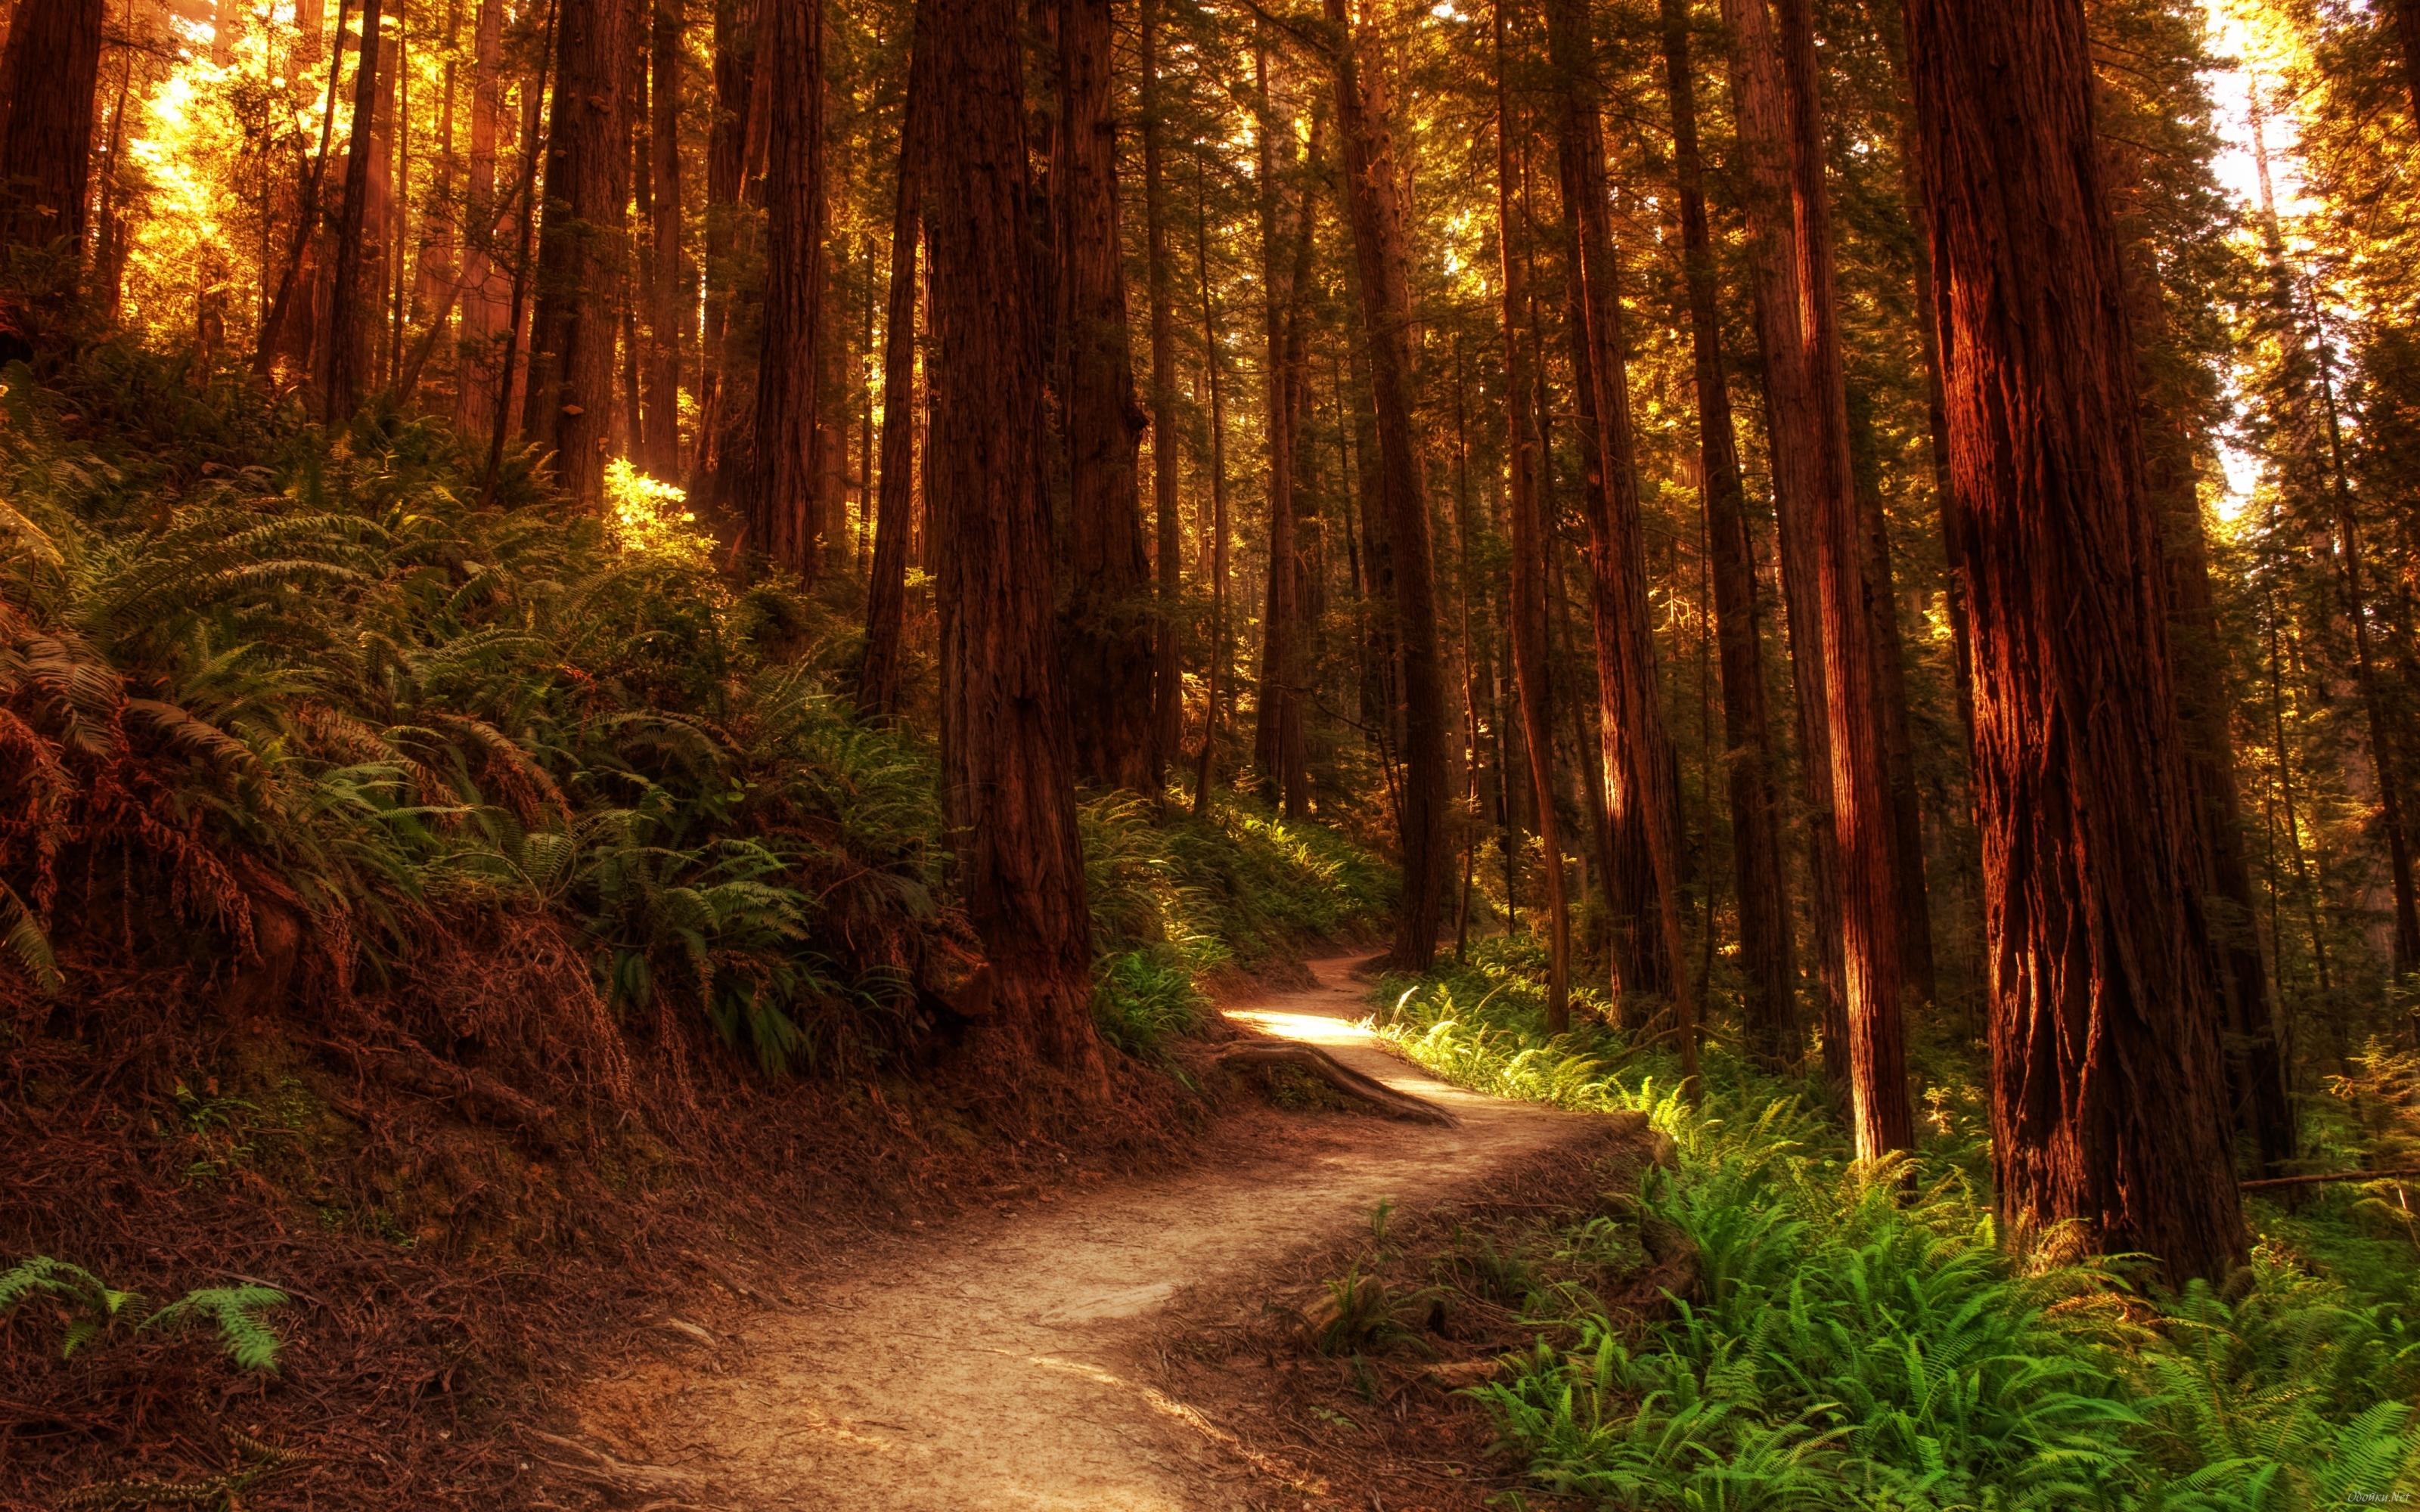 Beautiful forest landscape HD Desktop Wallpaper HD Desktop Wallpaper 3200x2000